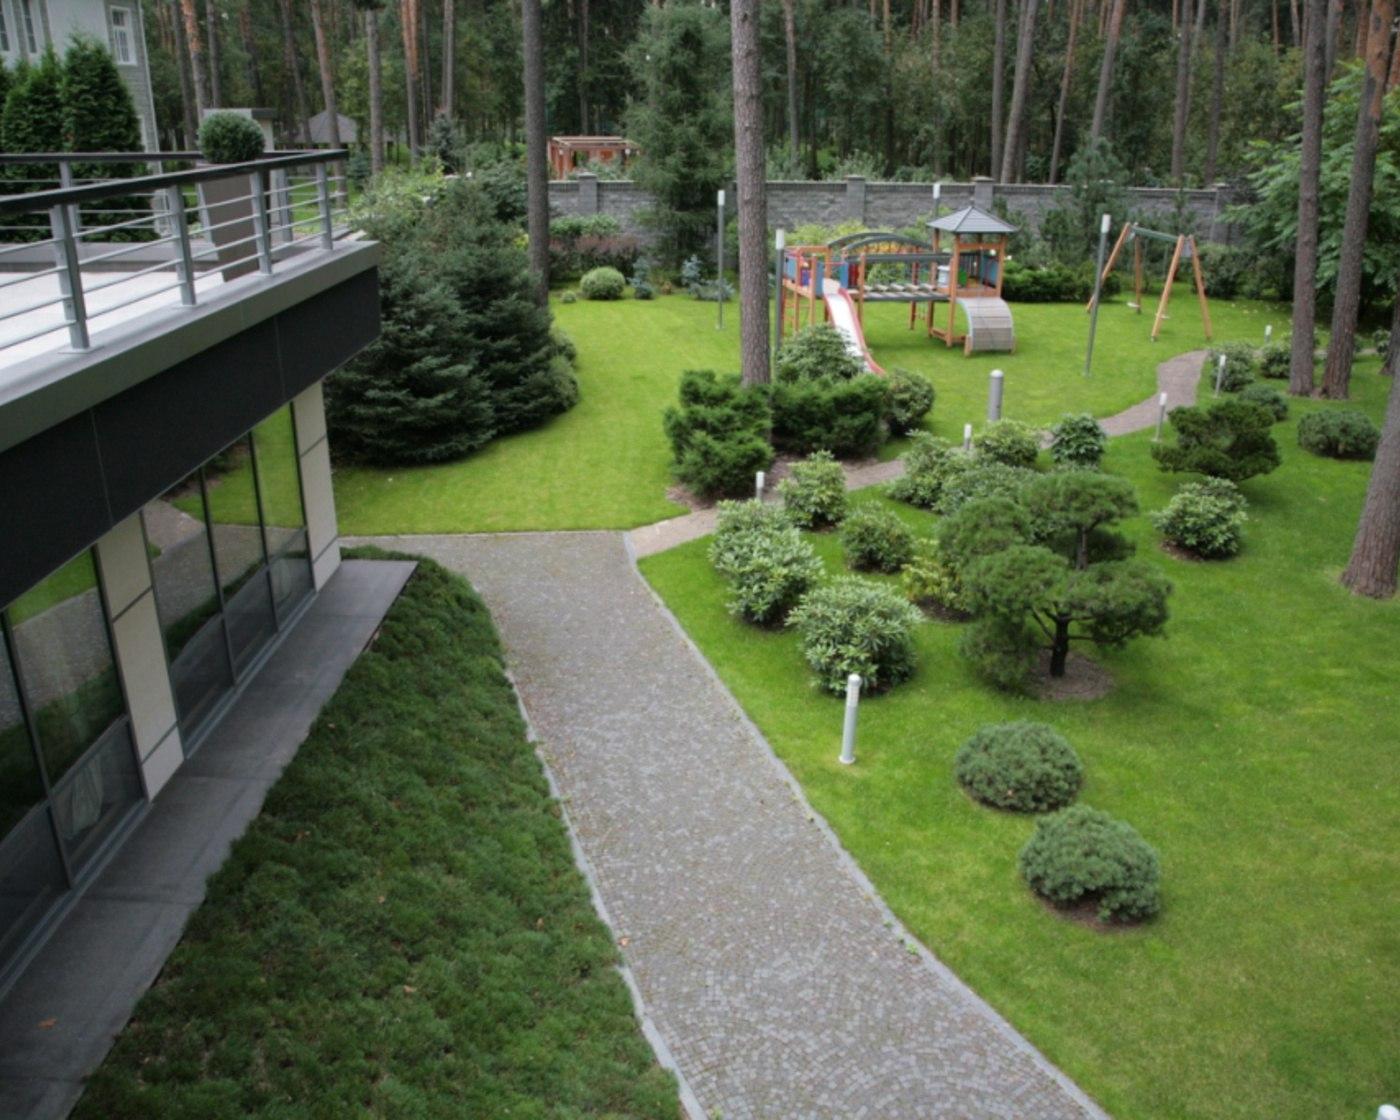 Дом площадью 1200 кв.м в Валтиме